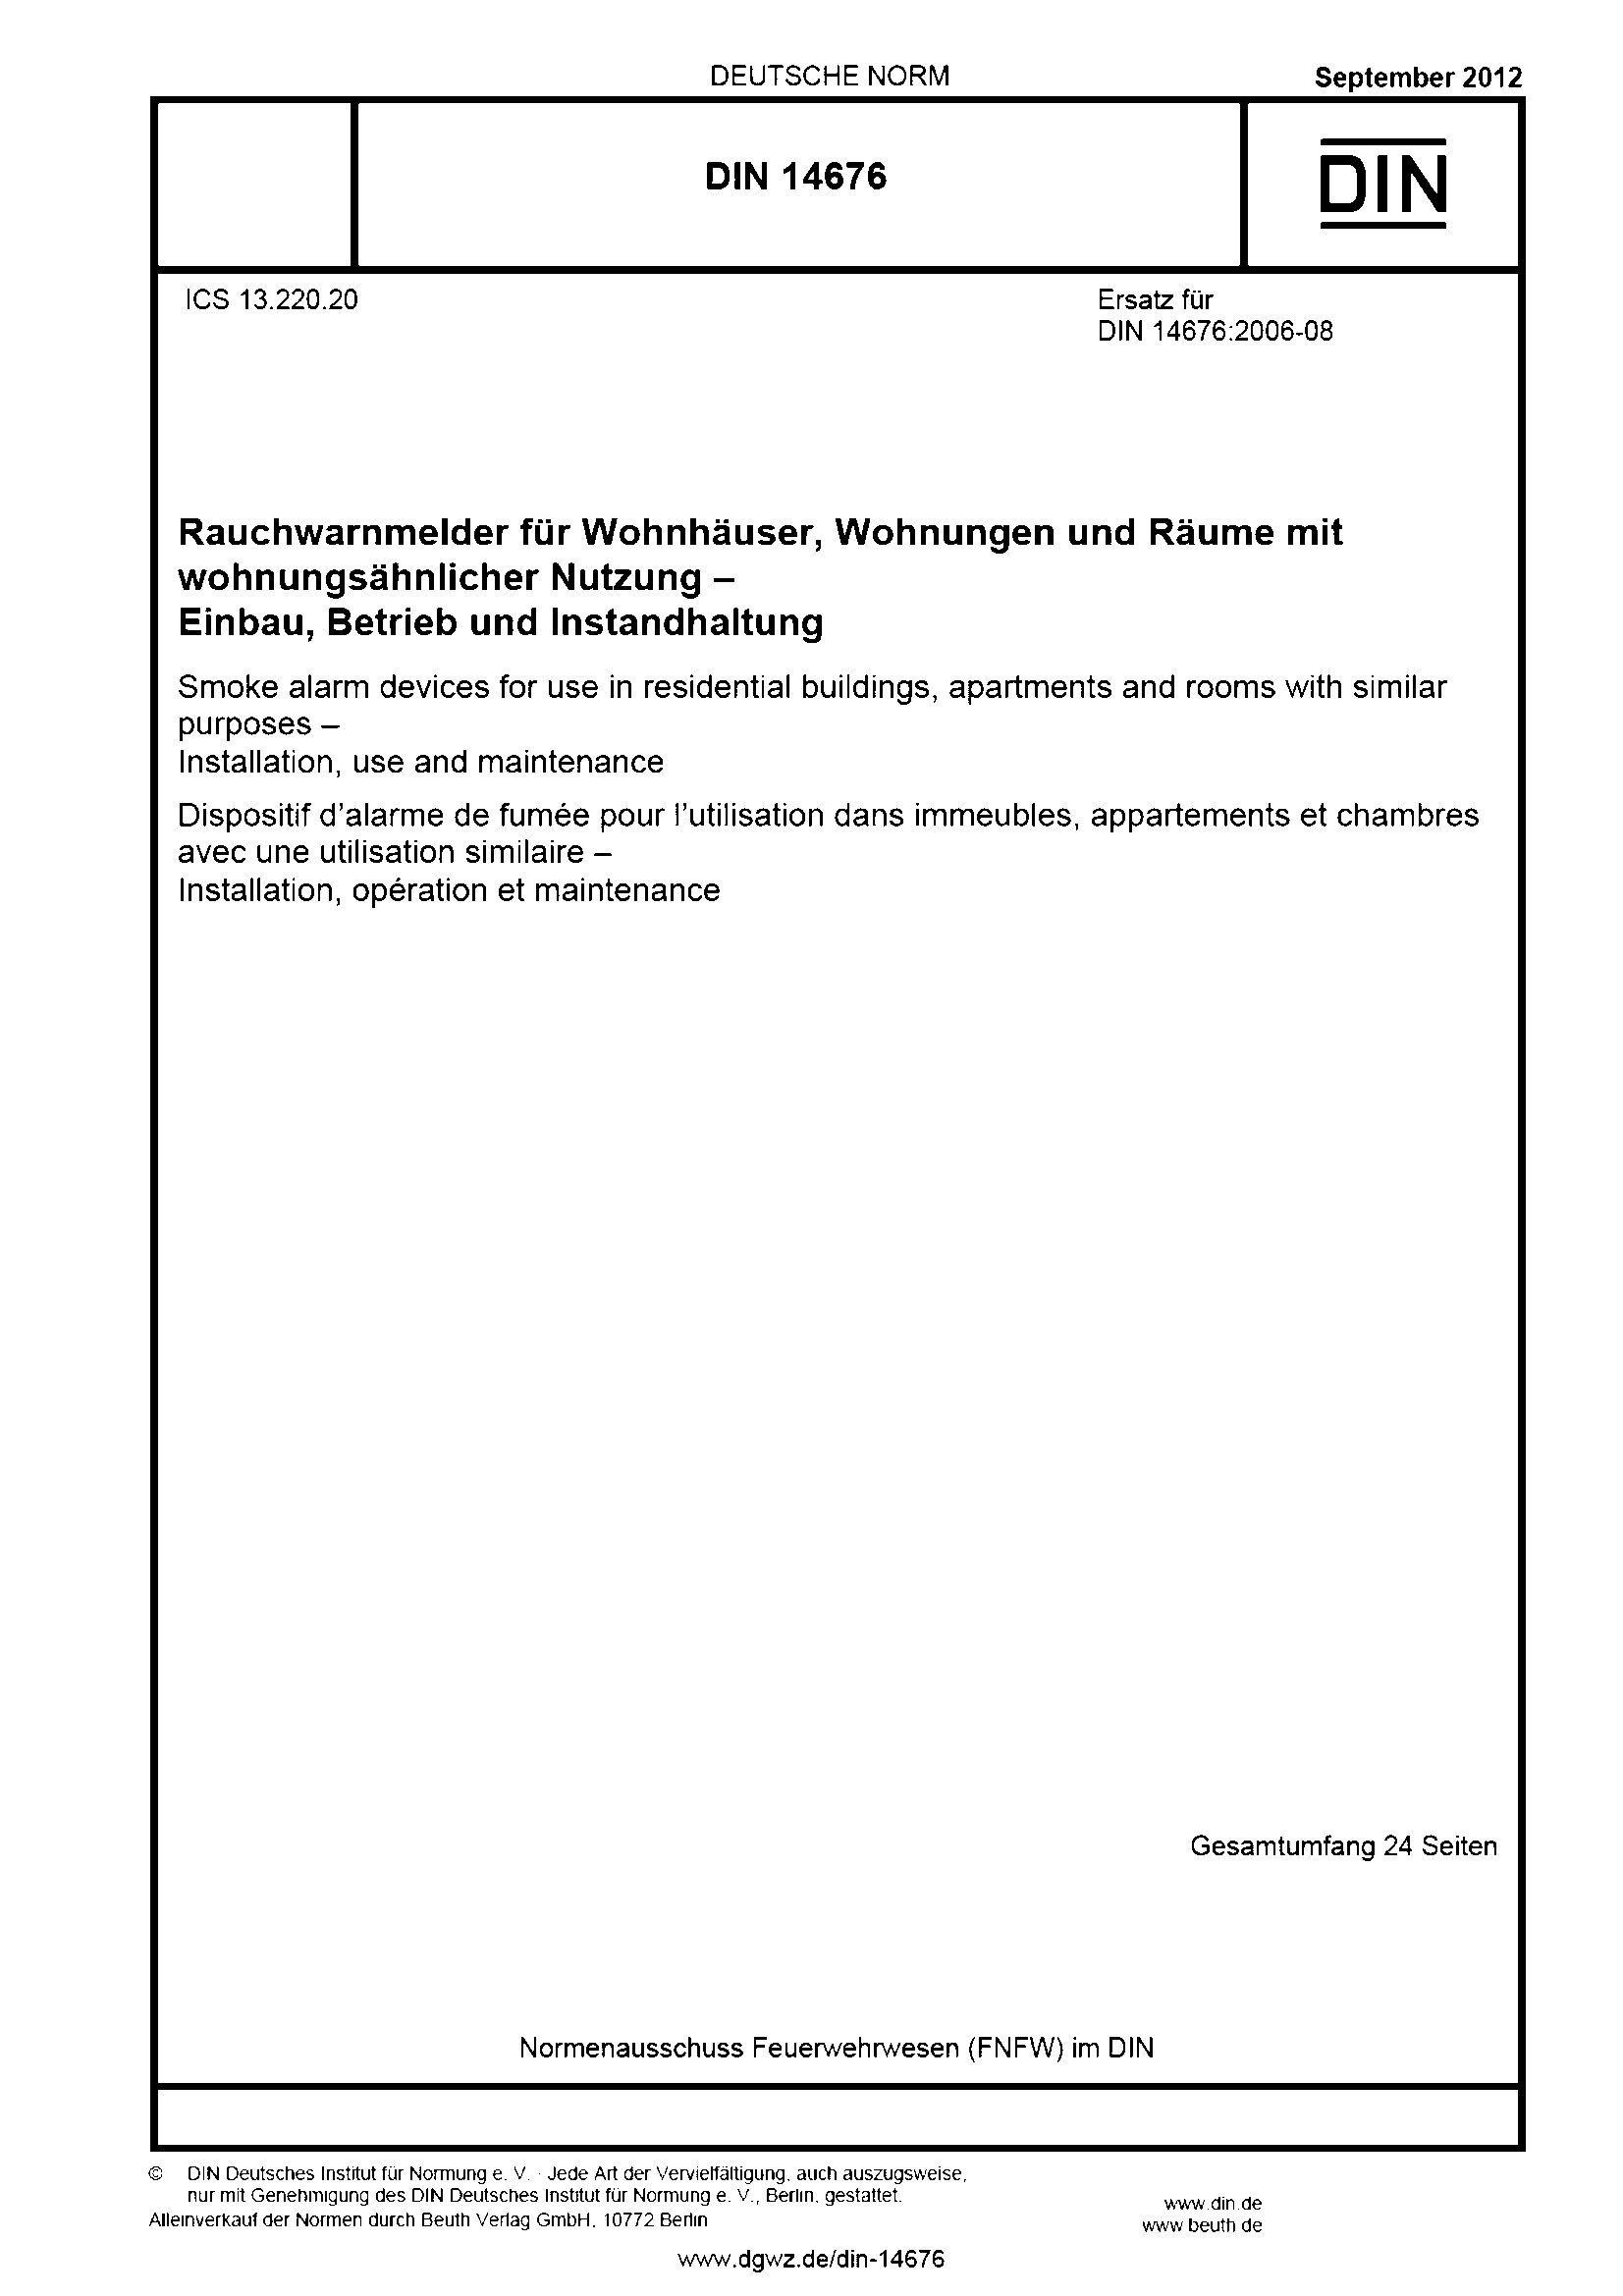 DIN 14676 Rauchwarnmelder - Einbau, Betrieb, Instandhaltung (Titel der Norm)